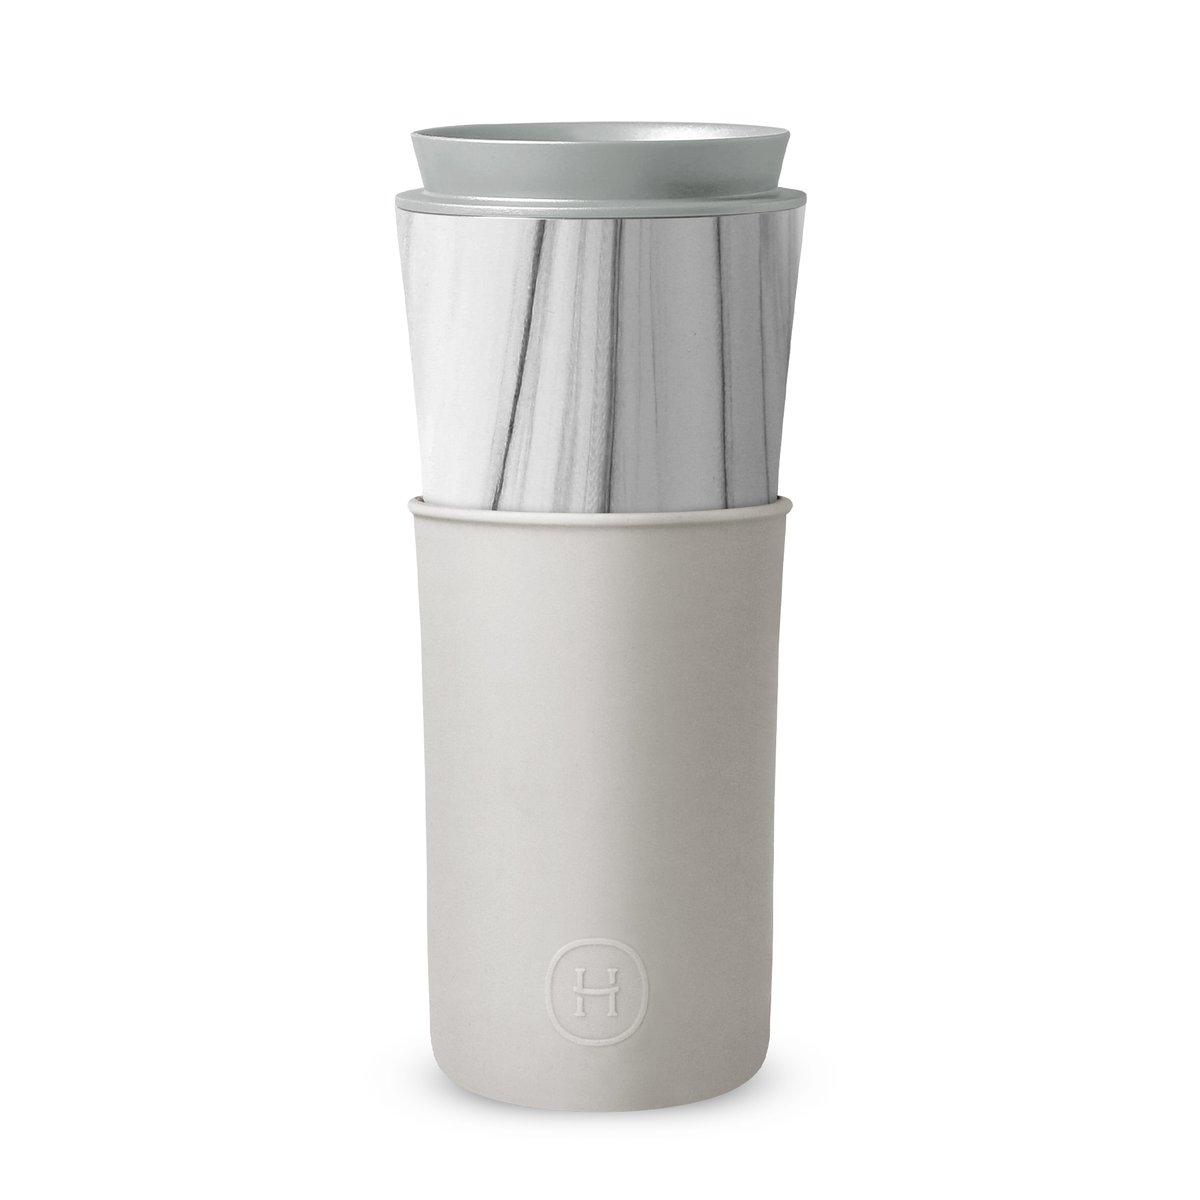 美國 HYDY 兩用隨行保溫杯 450ml 大理石紋杯 (雲灰)